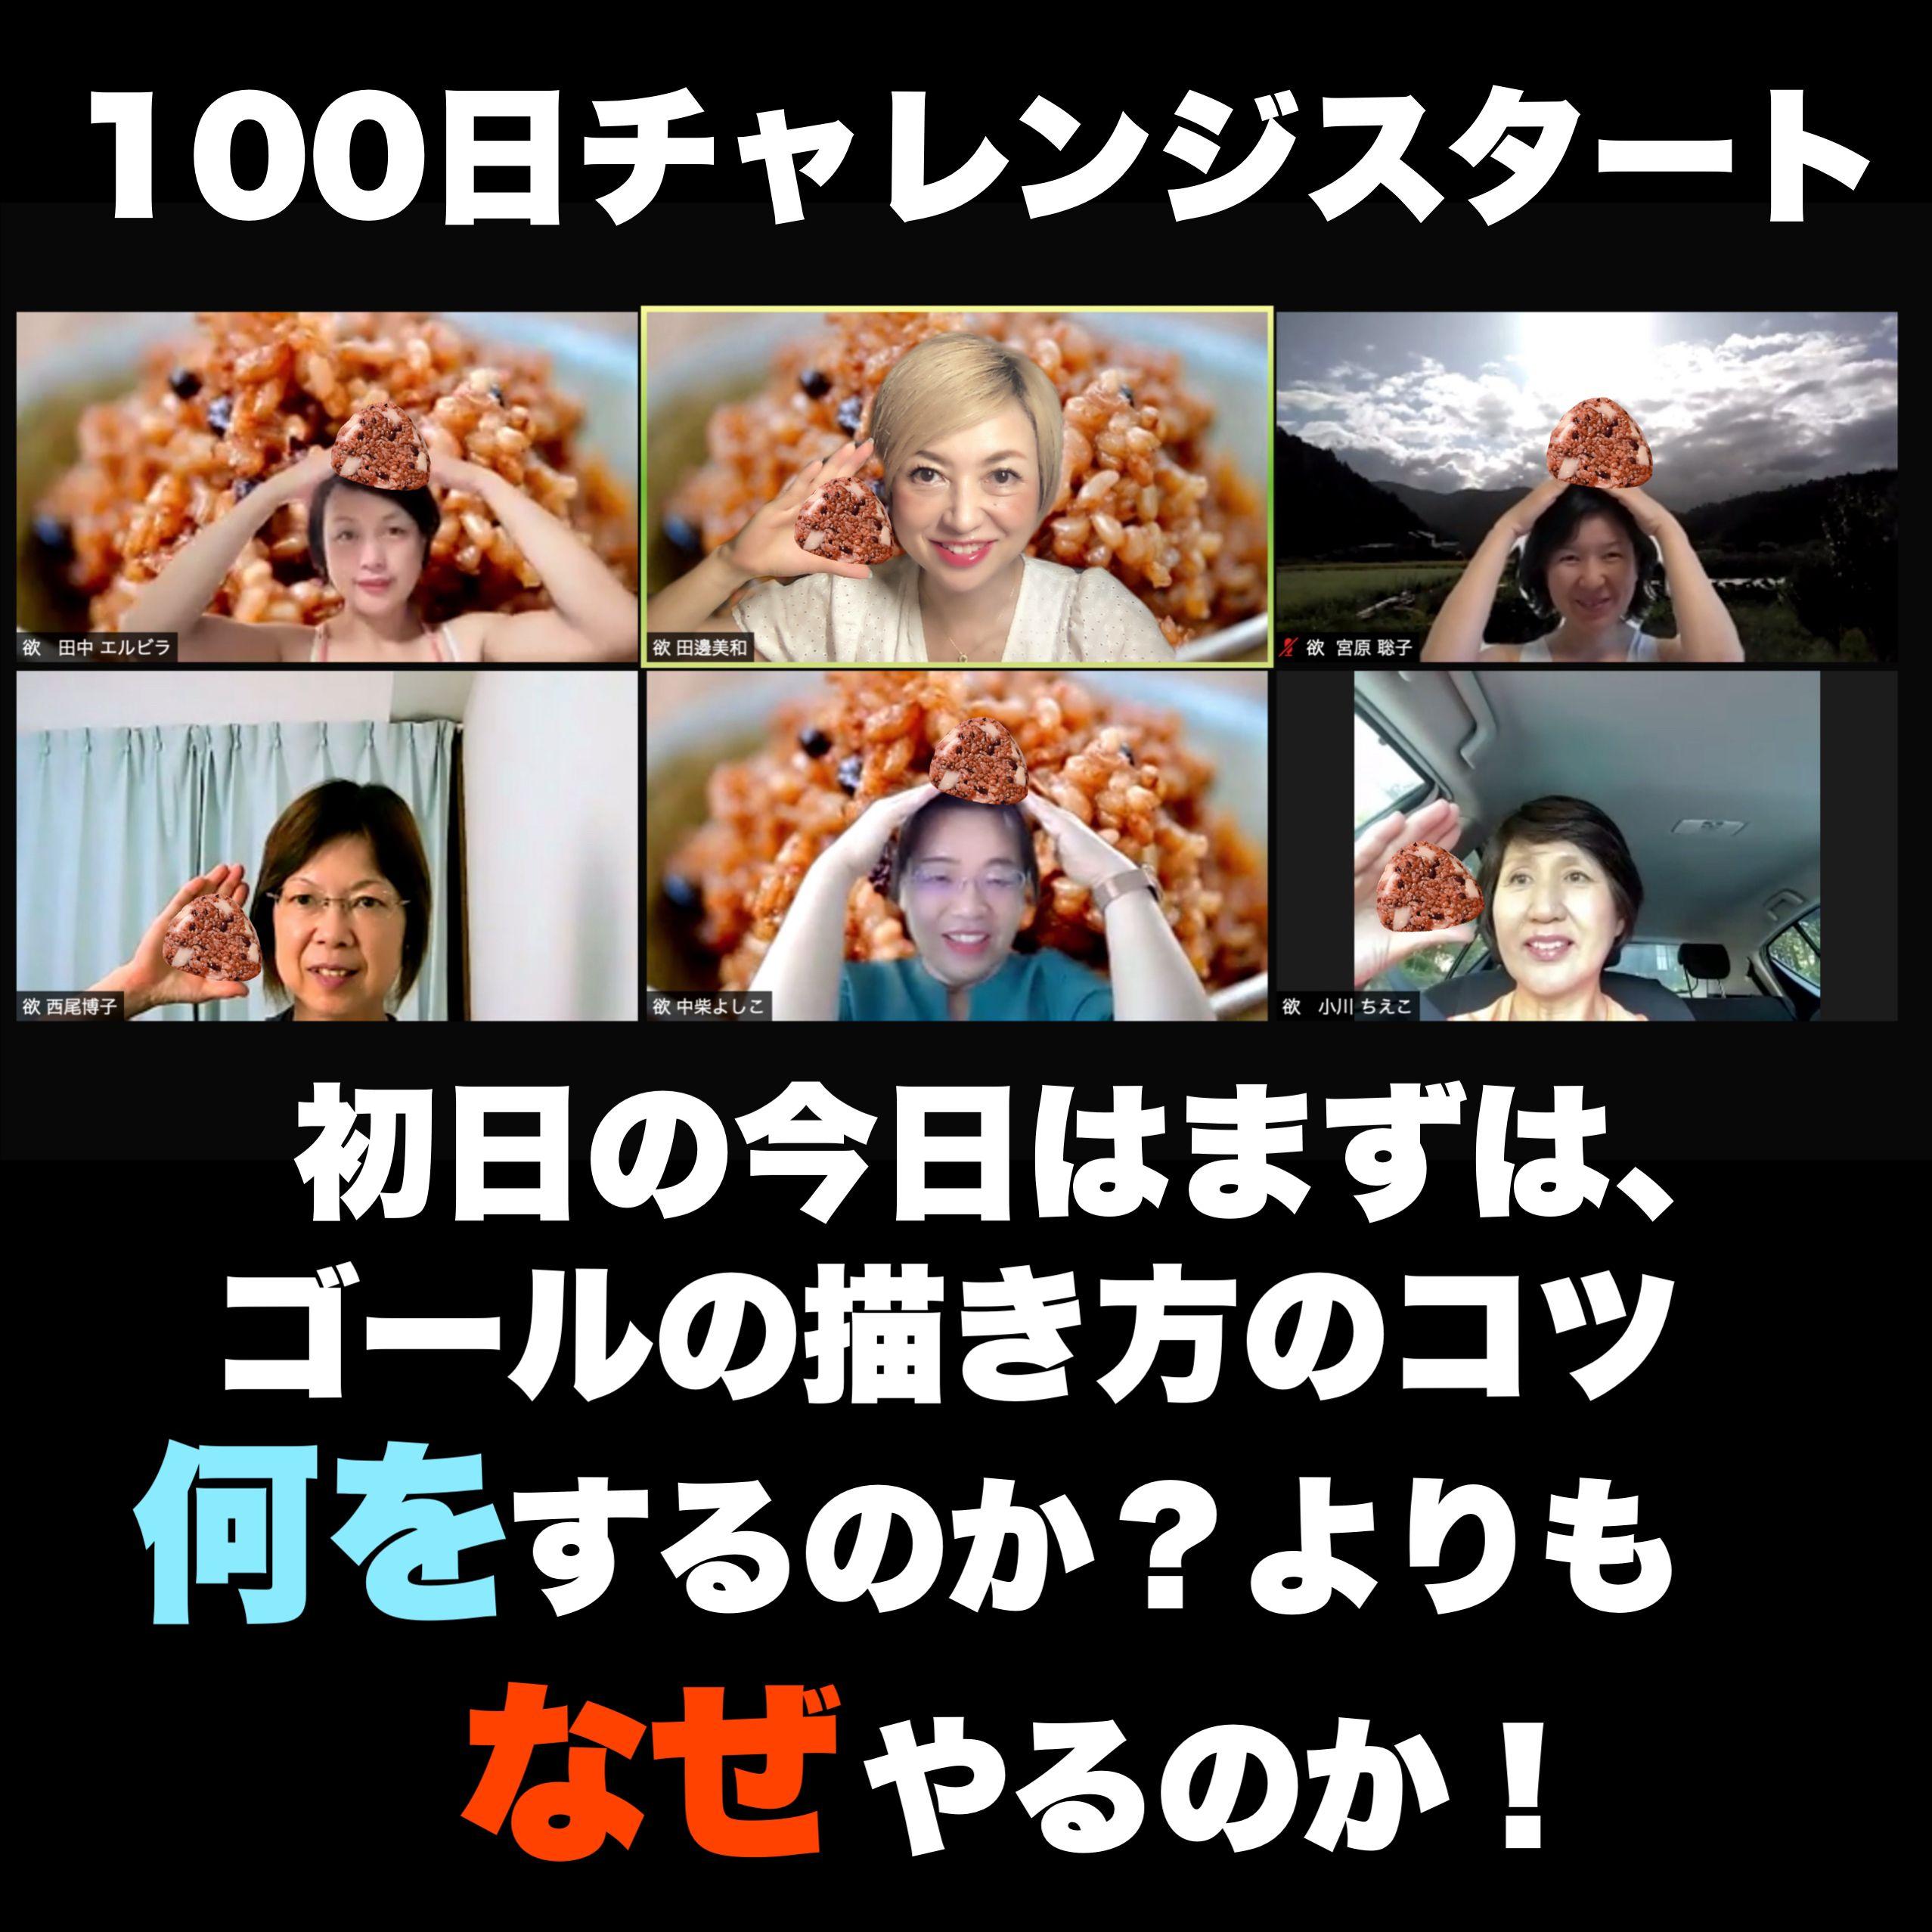 linecamera_shareimage 21.jpg